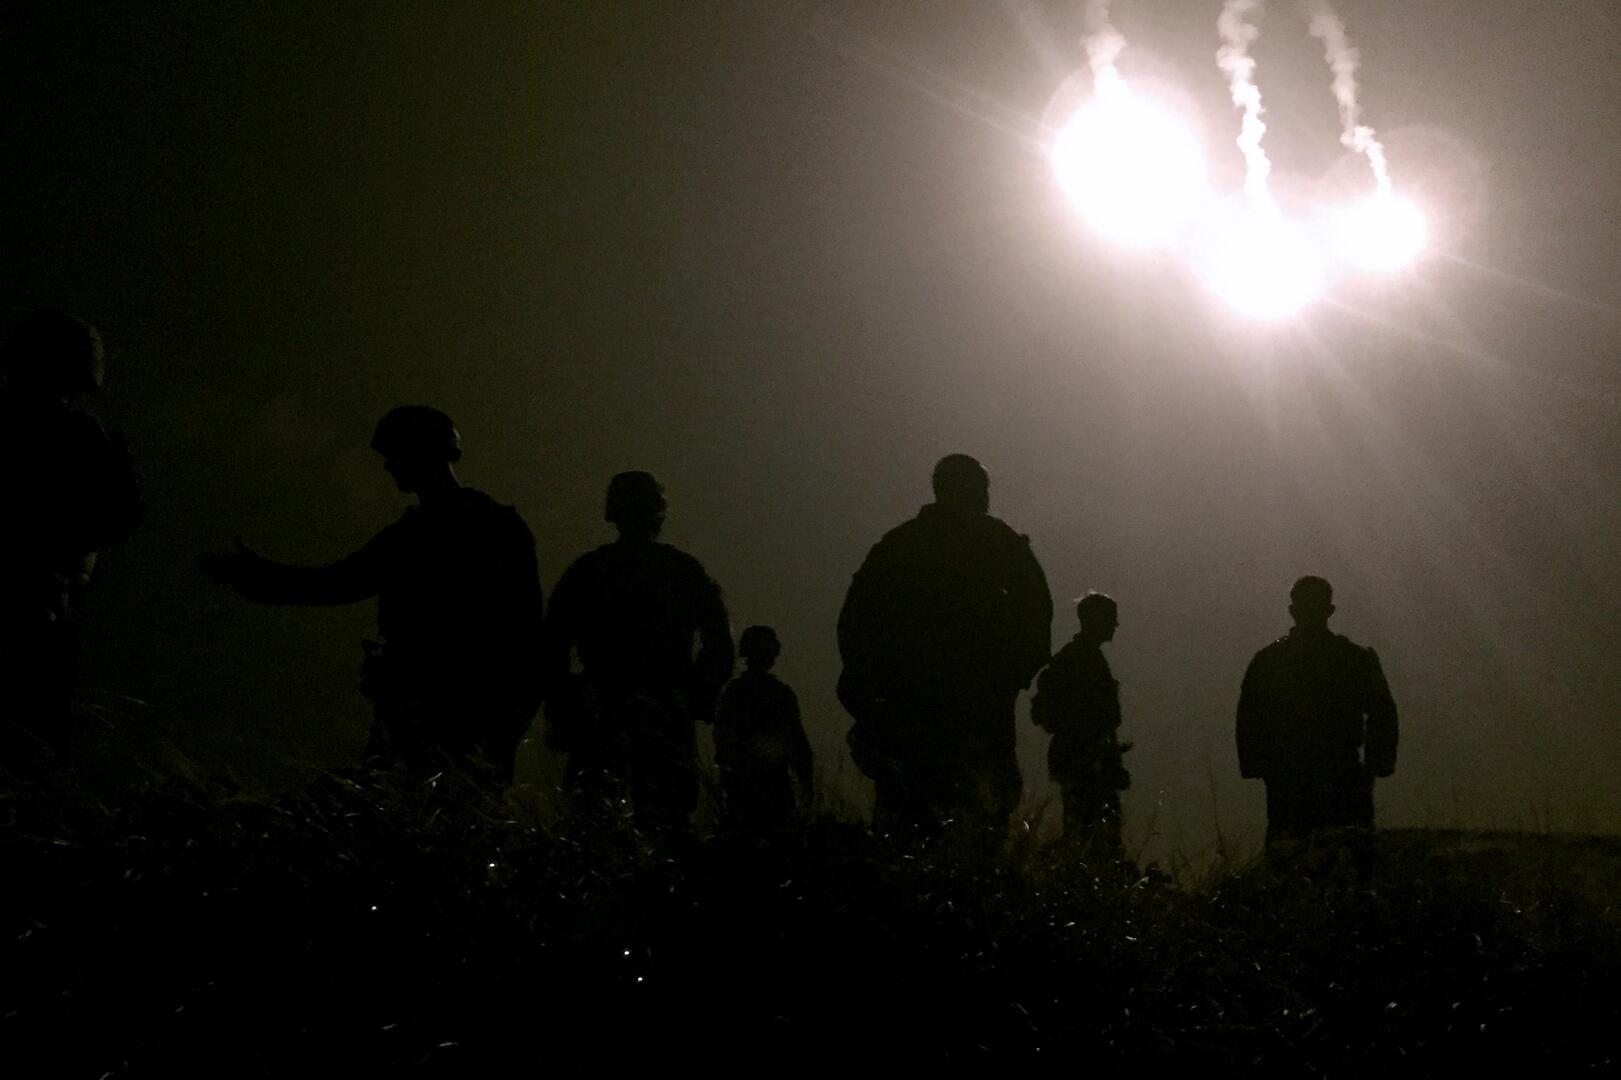 الجيش الأمريكي يوجه لمشاته البحرية في أوكيناوا الاستعداد للحجر الصحي الشامل